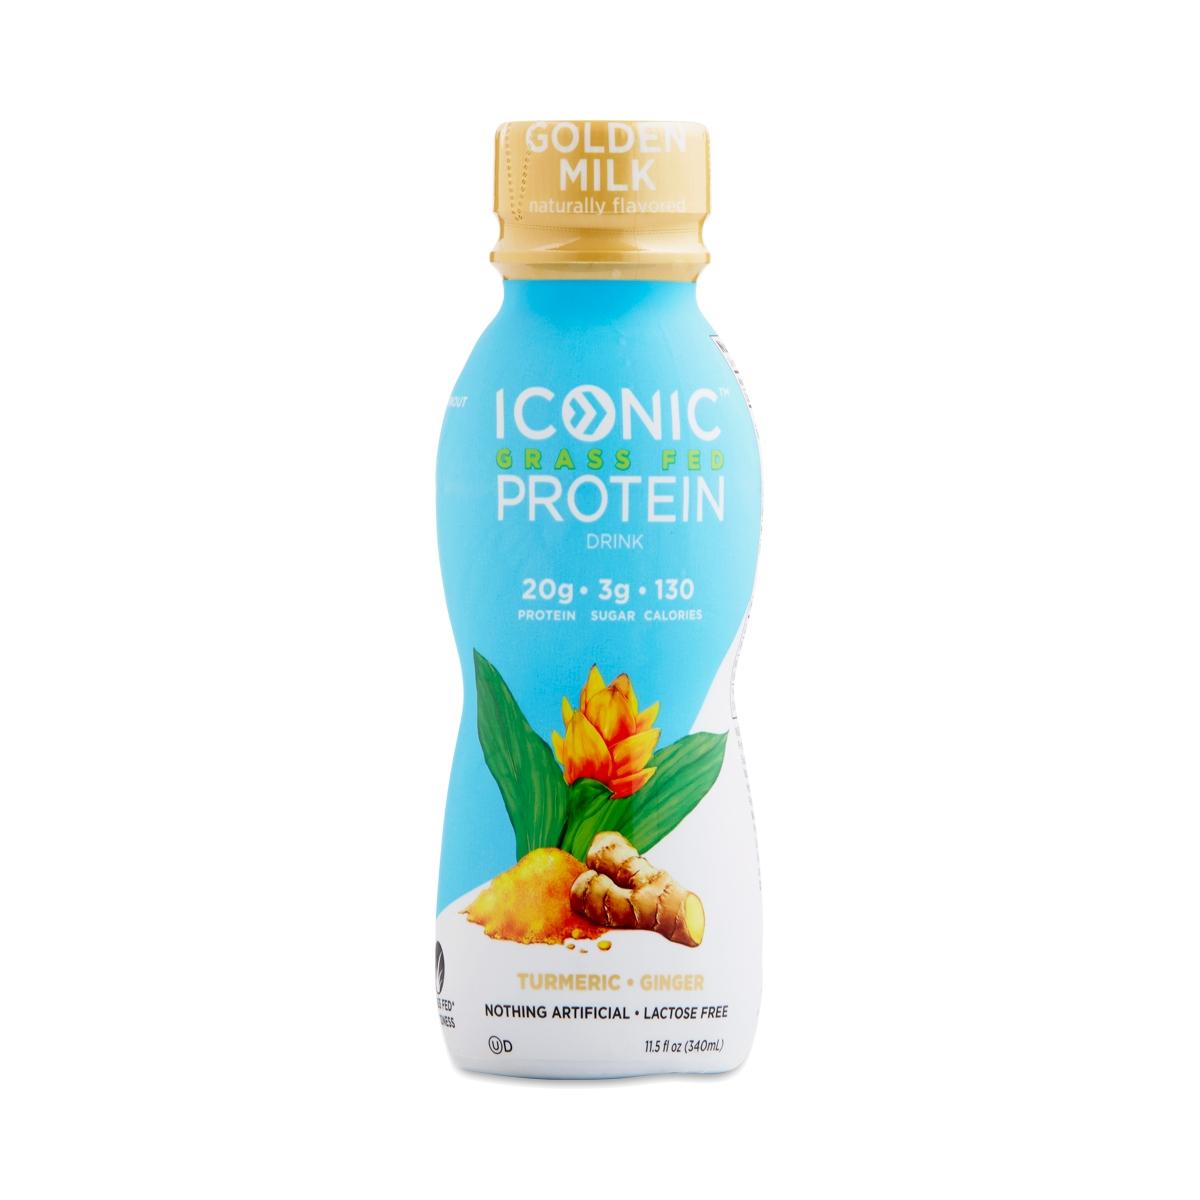 Iconic Protein Golden Milk Grass-Fed Protein Drink - Thrive Market